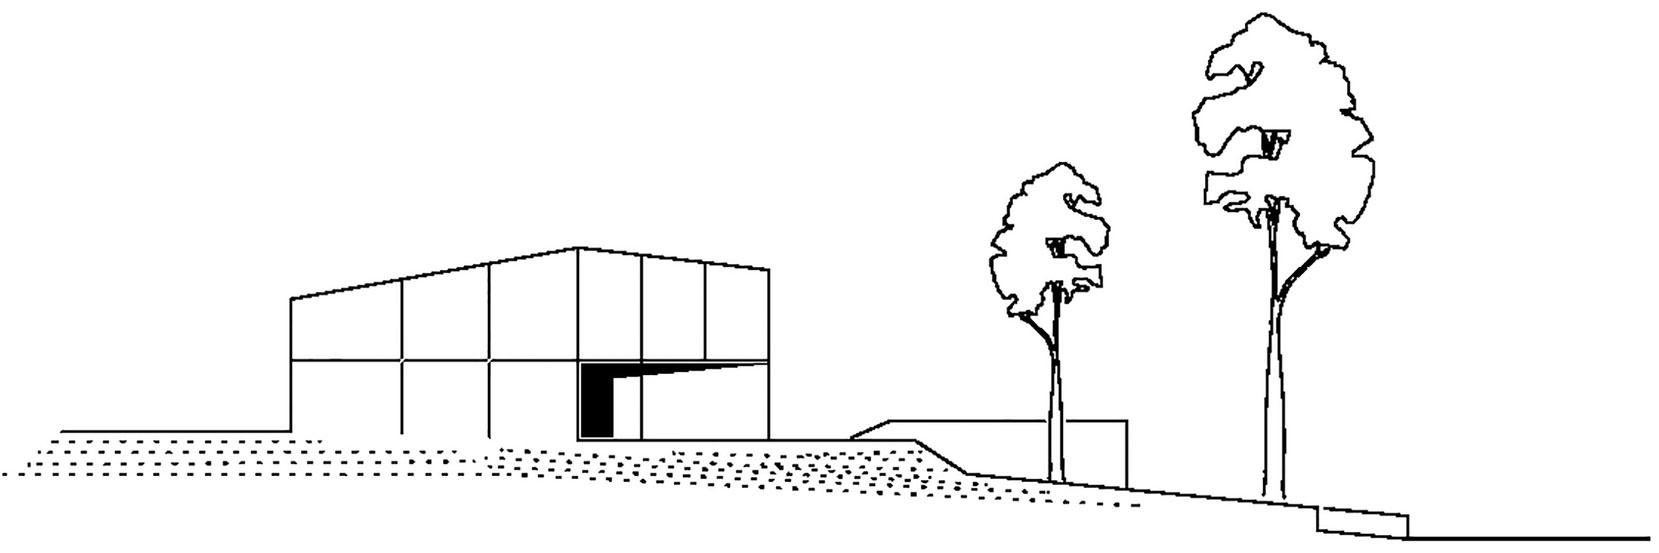 S3 City Home in Tübingen by Steimle Architekten-30